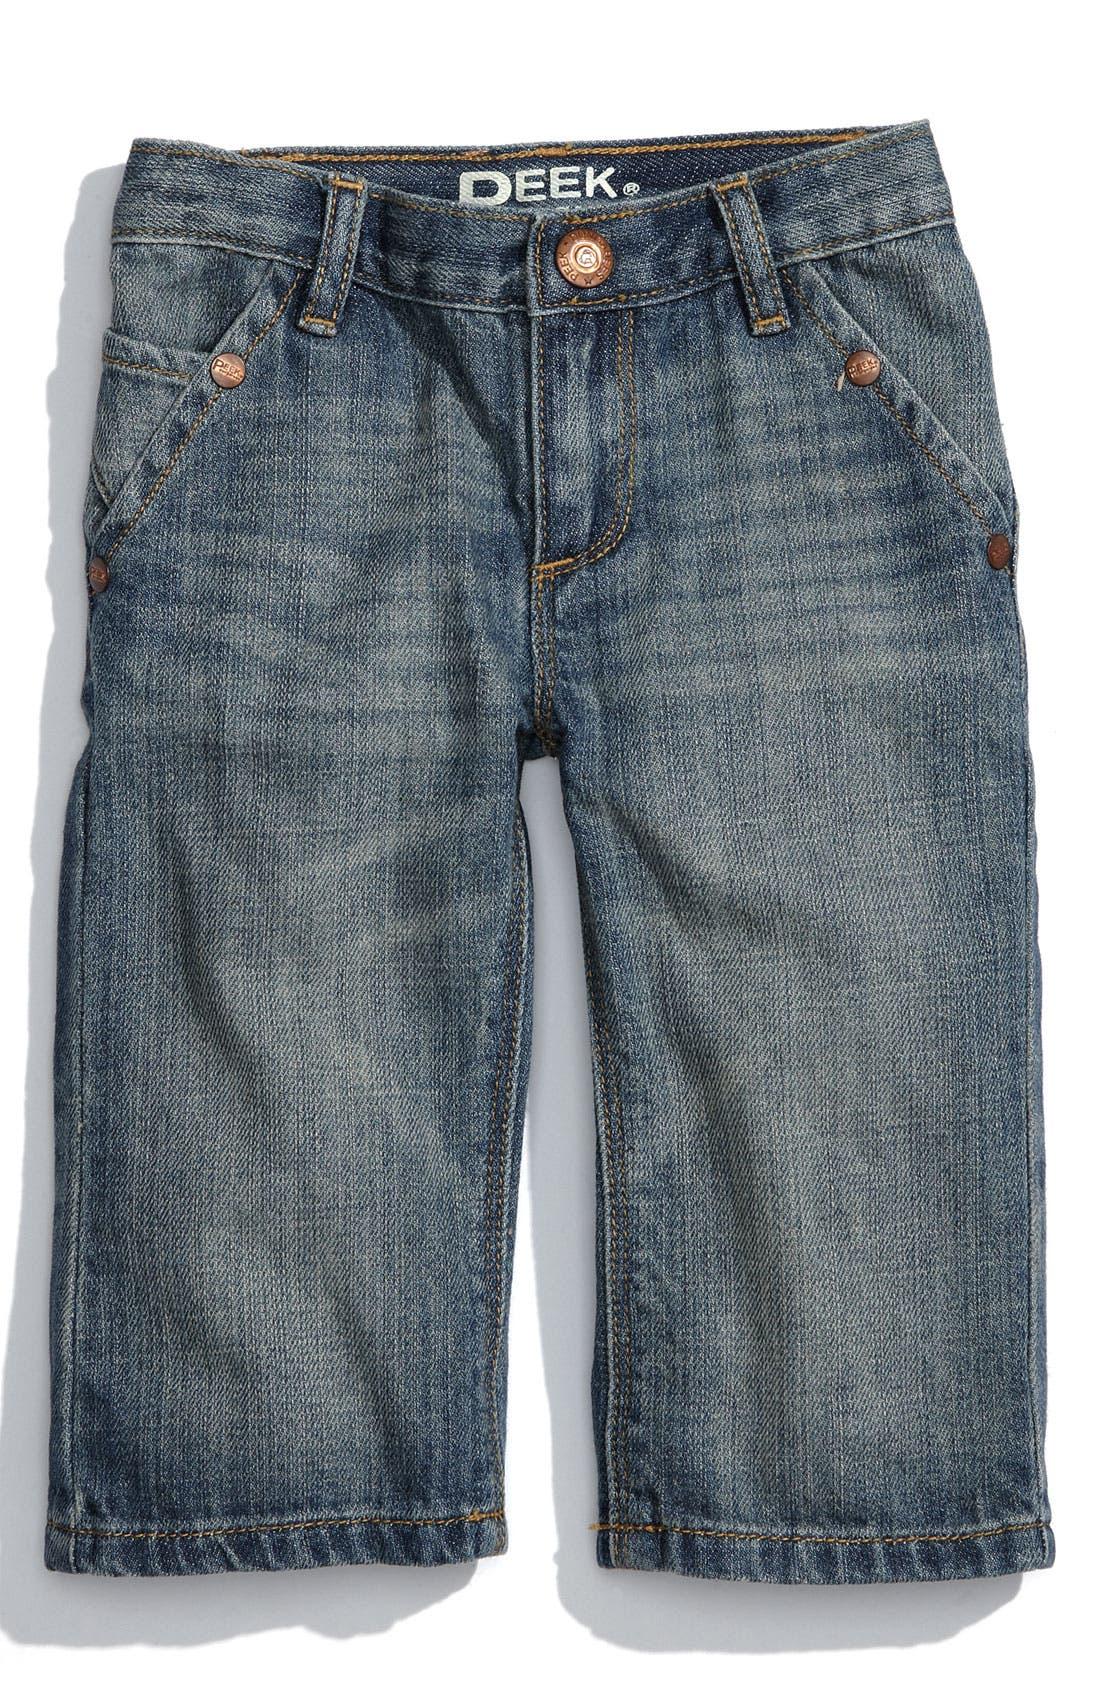 Alternate Image 2  - Peek 'Big Peanut' Jeans (Infant)